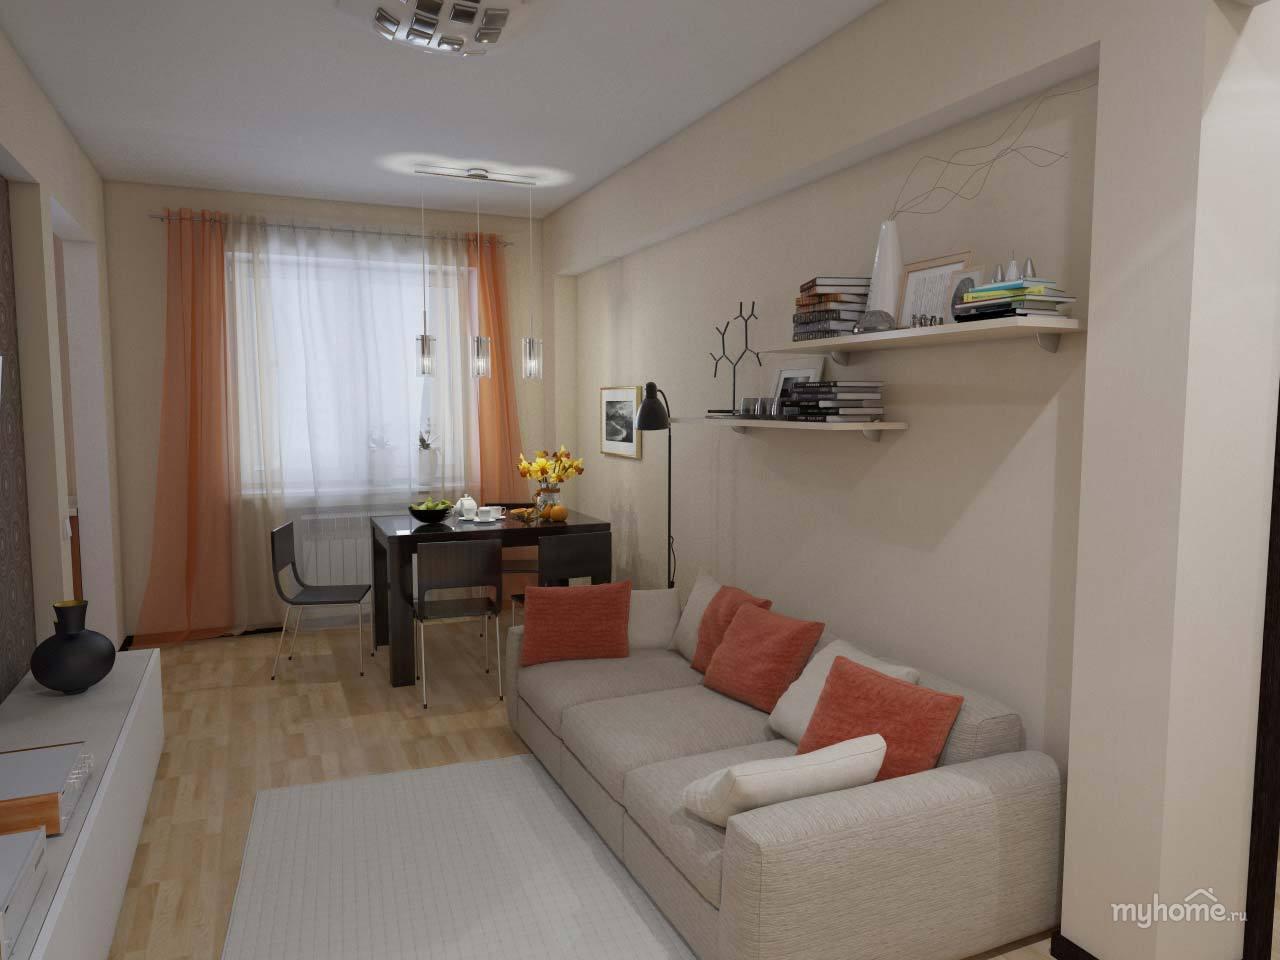 Дизайн комнаты 19 метров в однушке